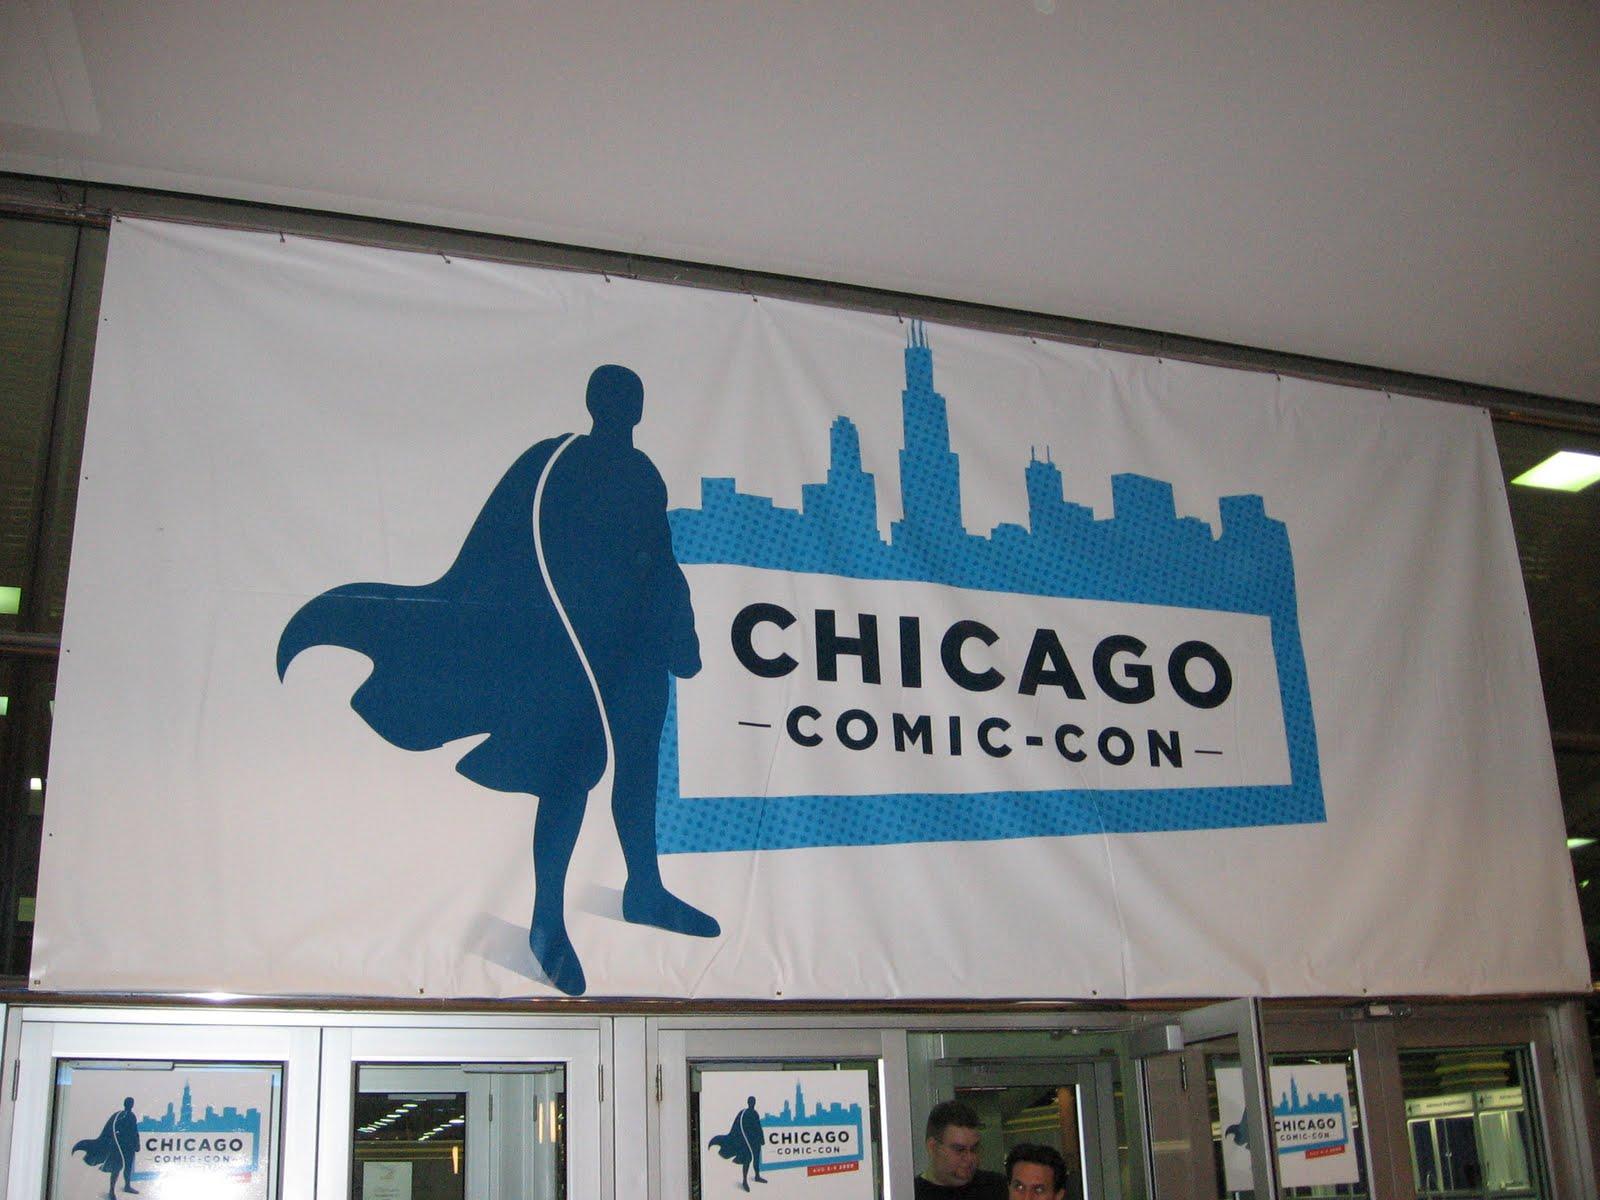 Chicago Comic-Con 2009 romance comics